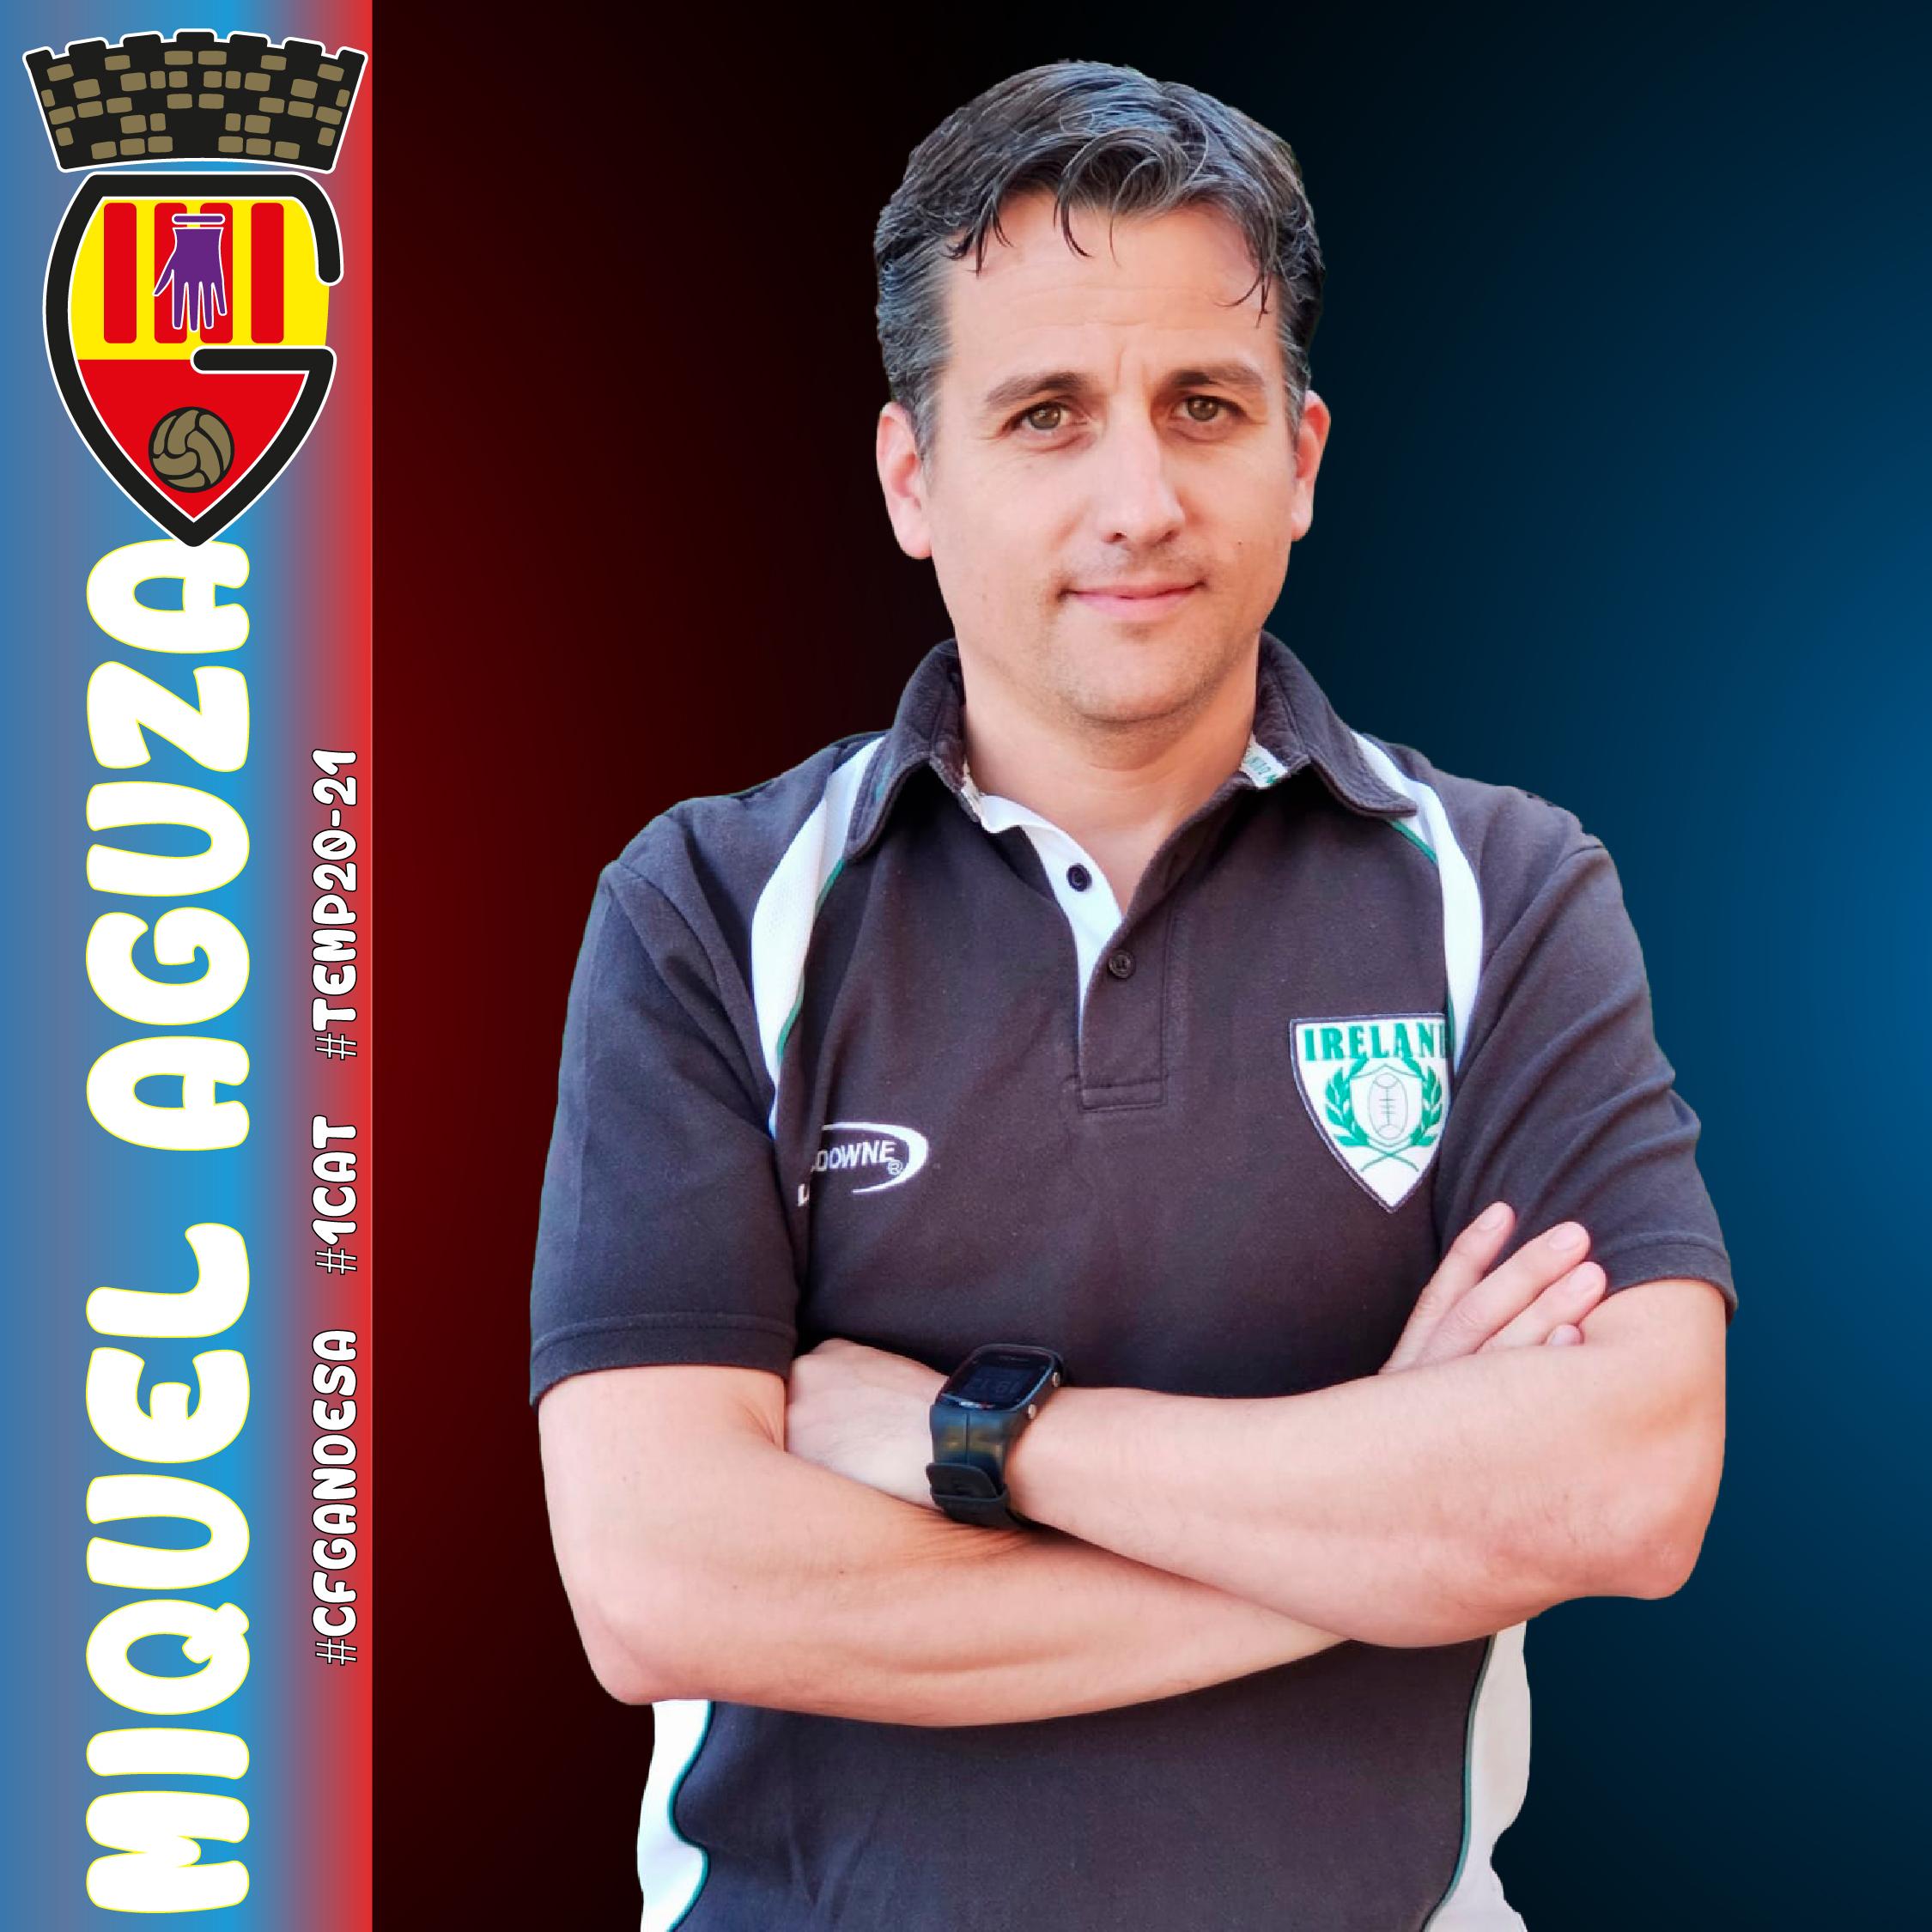 MIQUEL AGUZA SERÀ EL SEGON ENTRENADOR DEL CF GANDESA